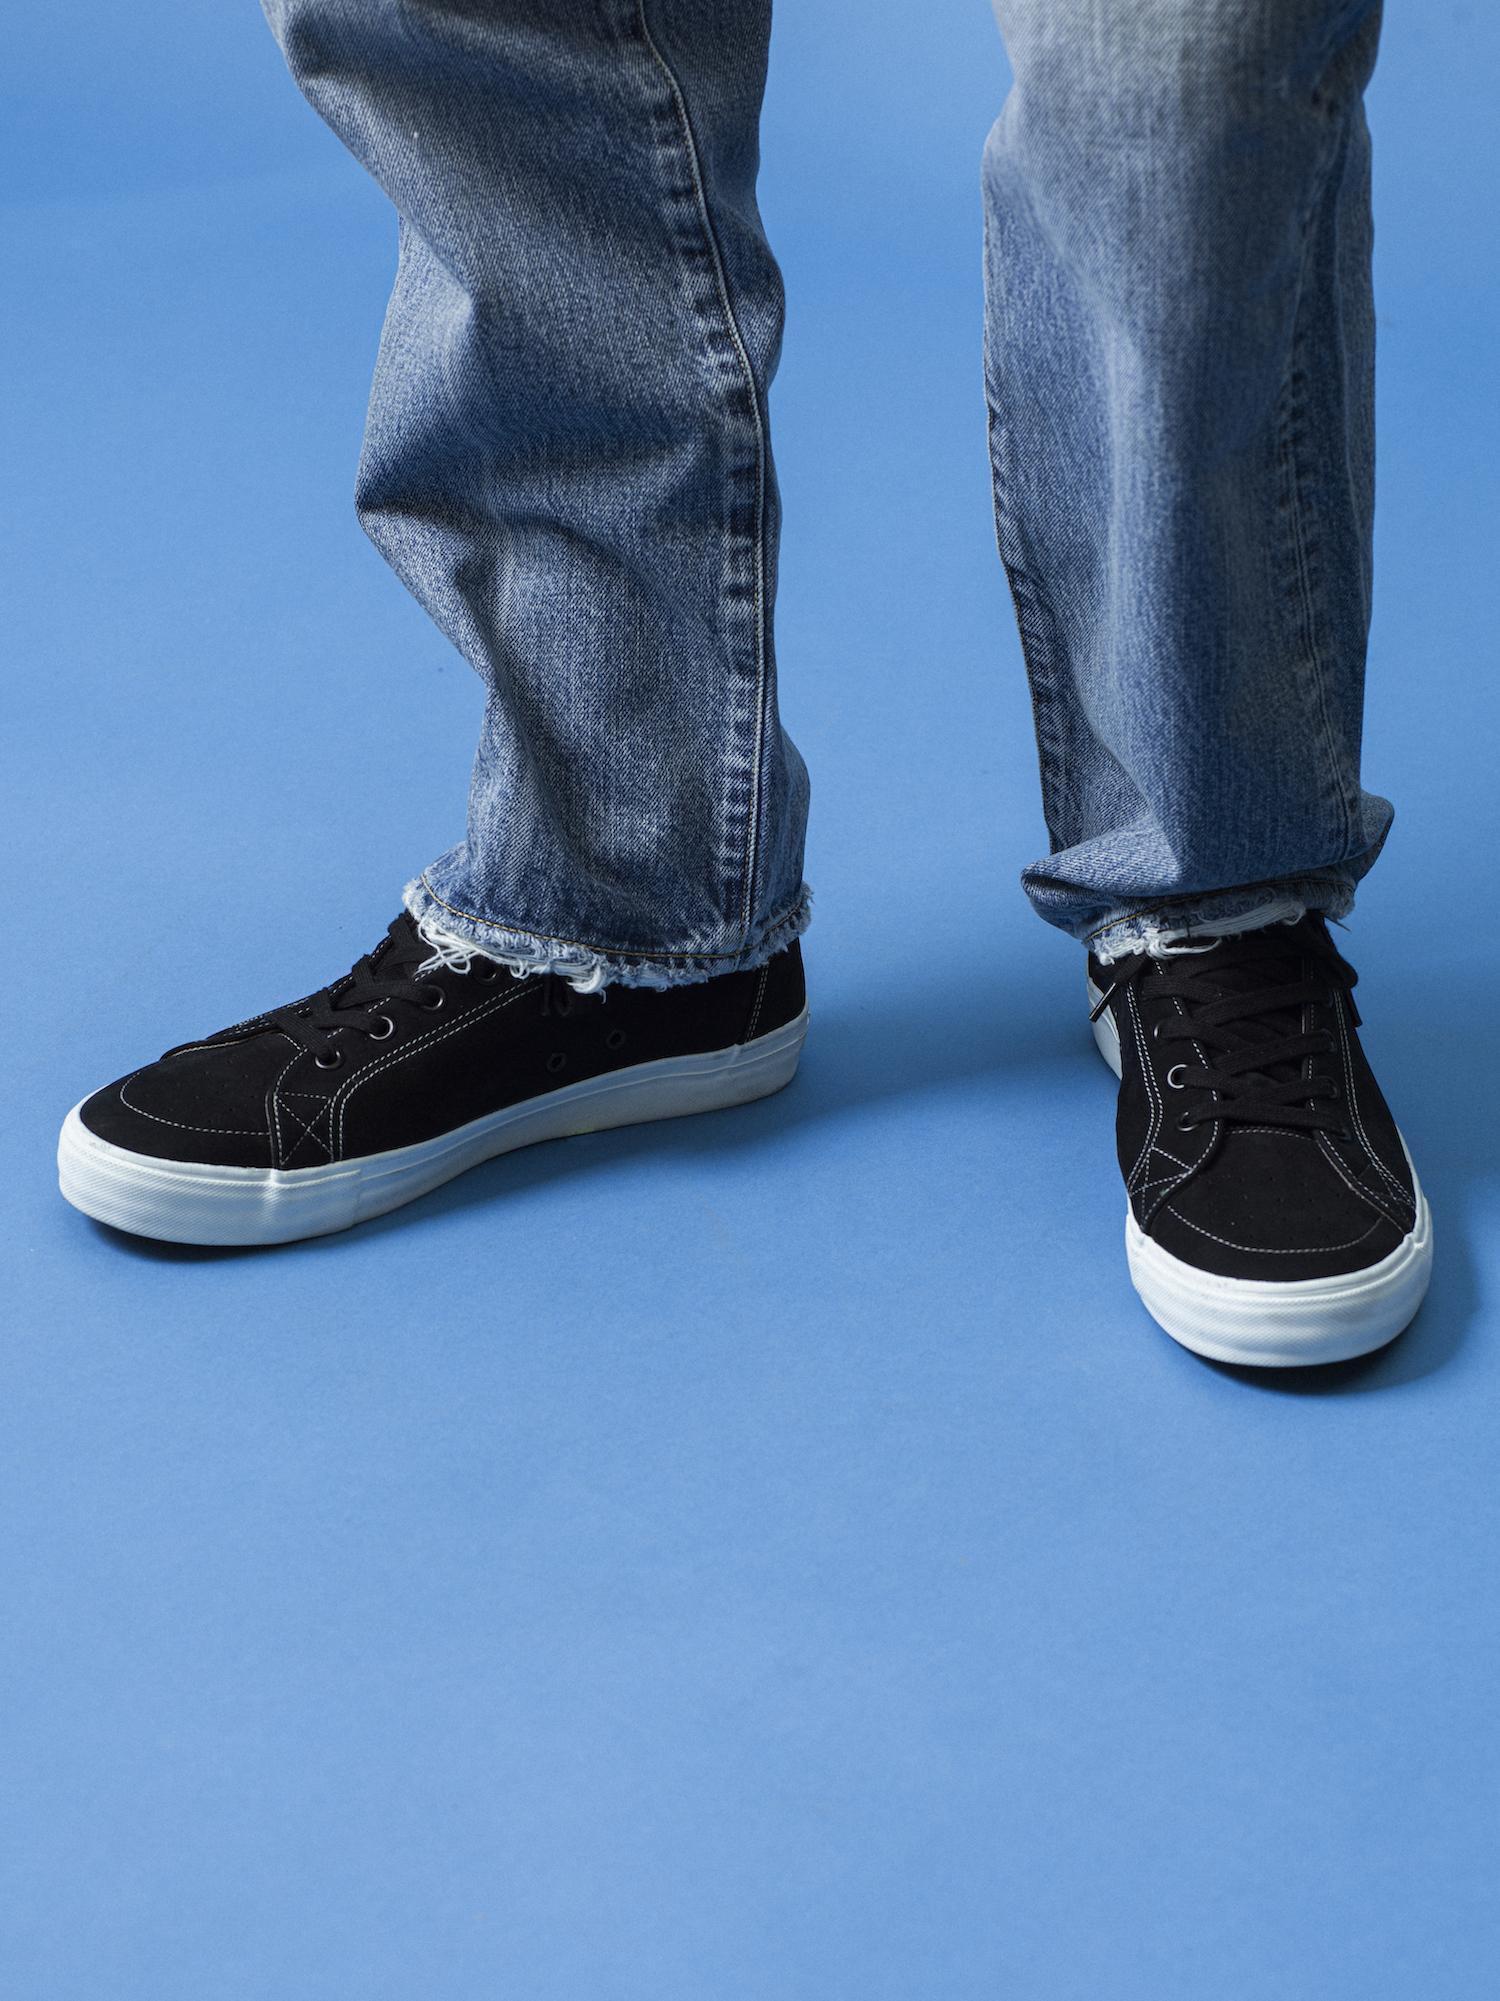 5_3 pants¥40,000 shoes¥16,500